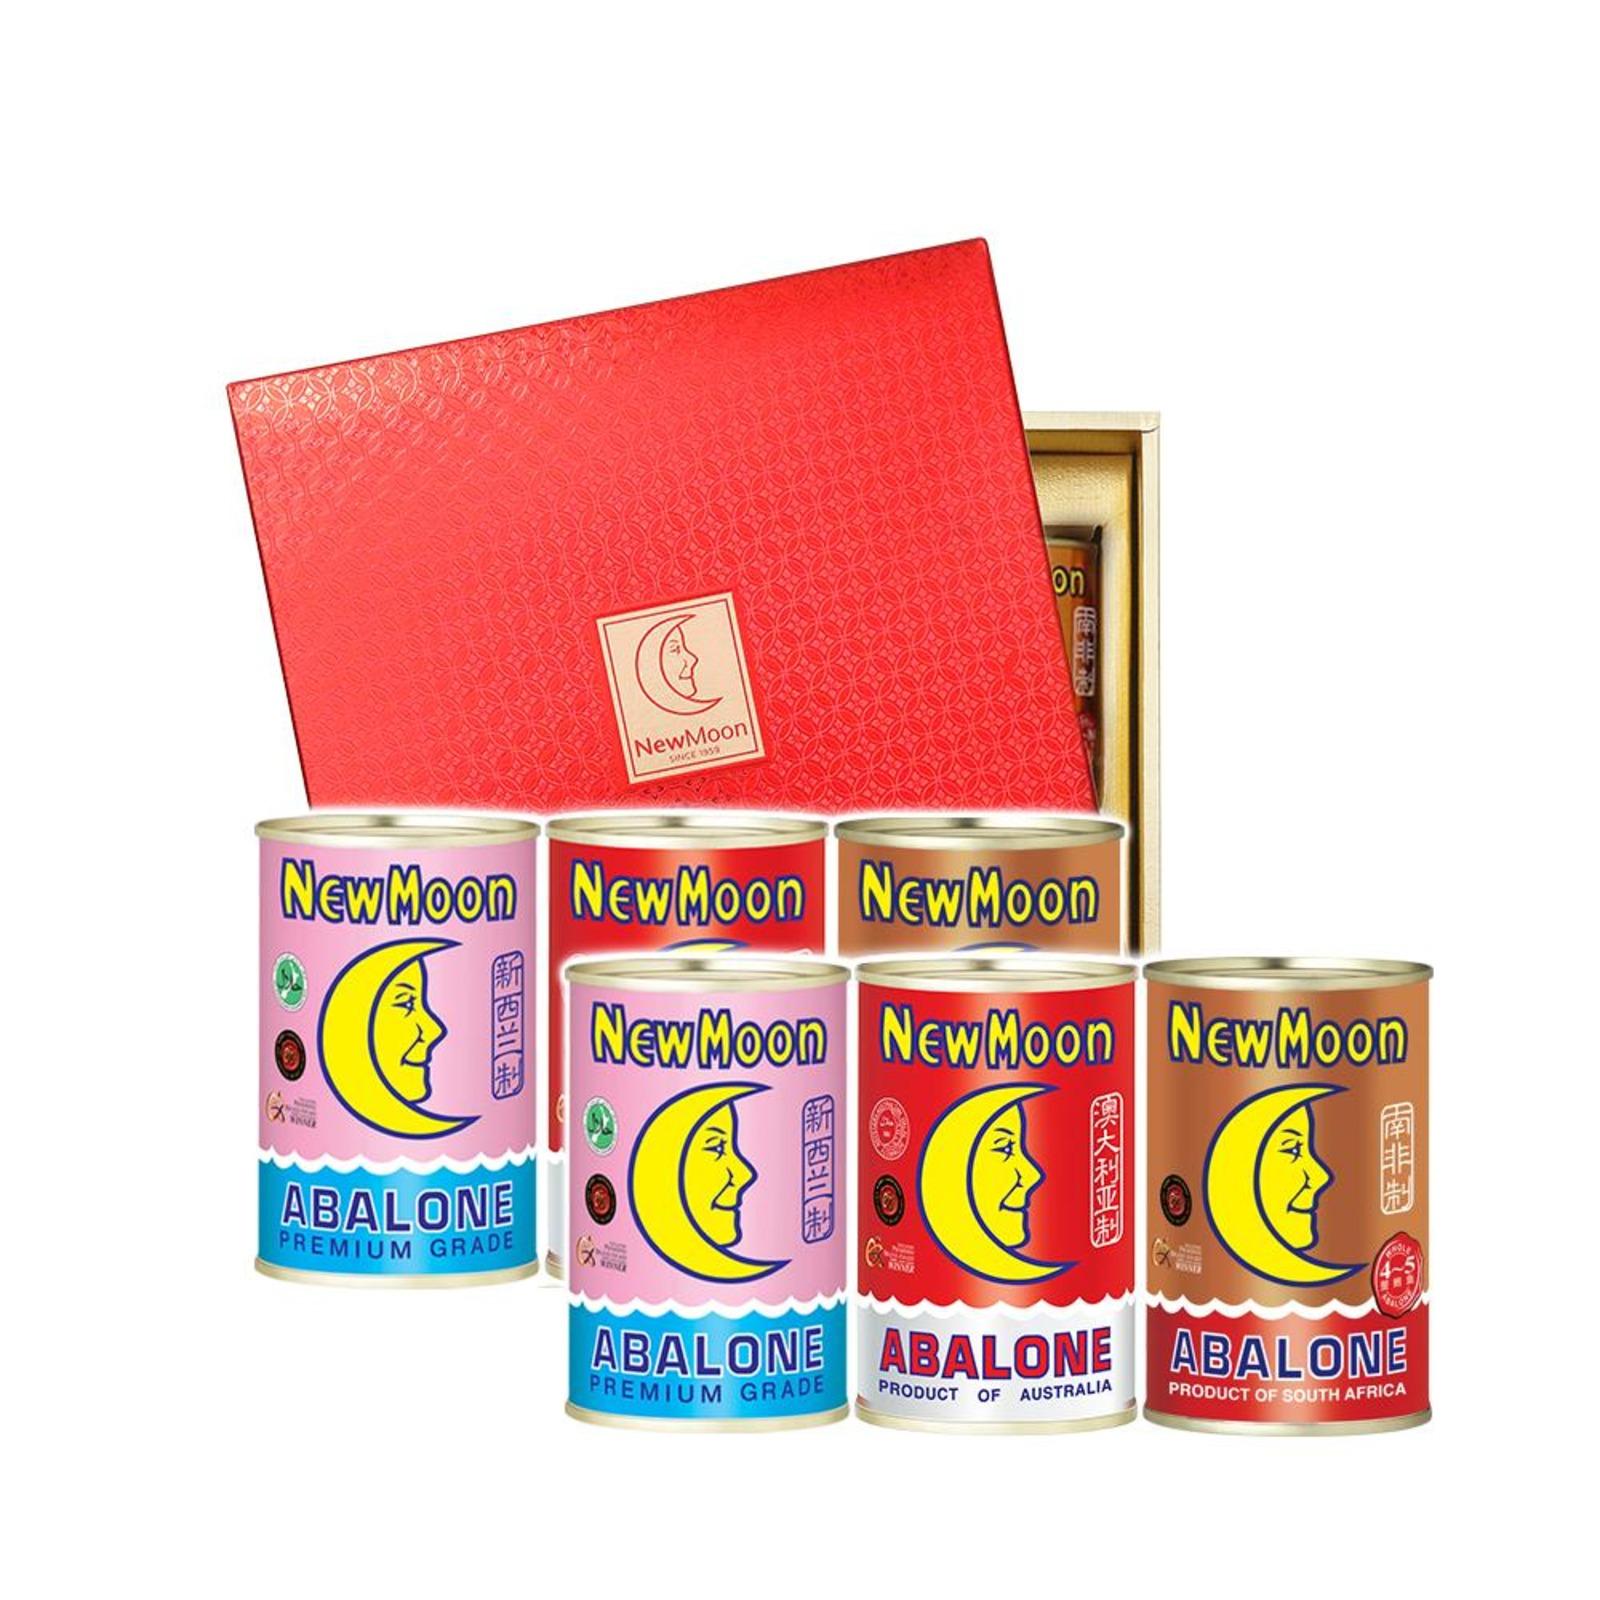 New Moon Affluence 6s Gift Set [2 NZ + 2 AU + 2 SA]